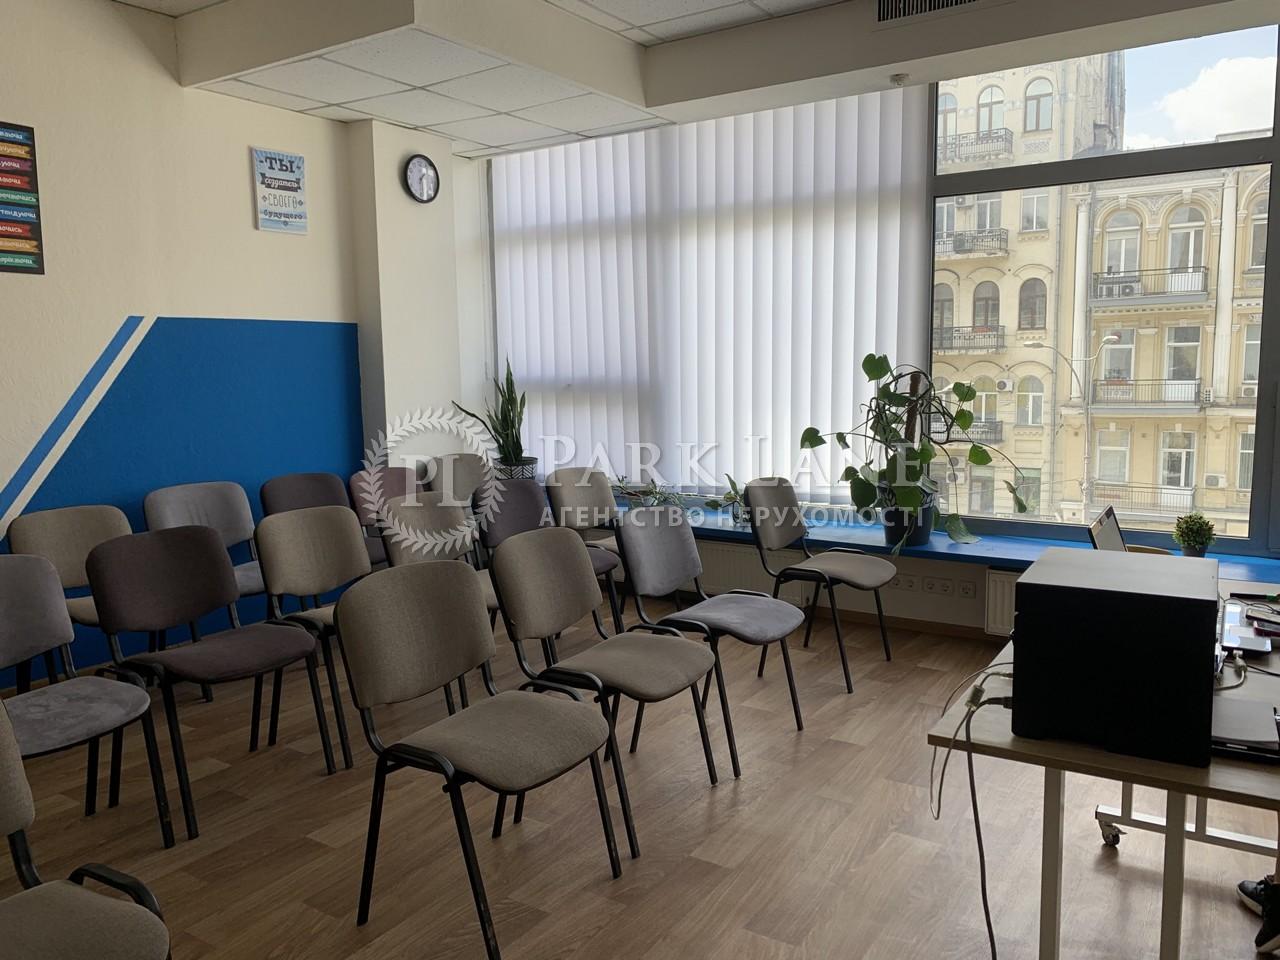 Офис, ул. Большая Васильковская, Киев, B-102537 - Фото 3